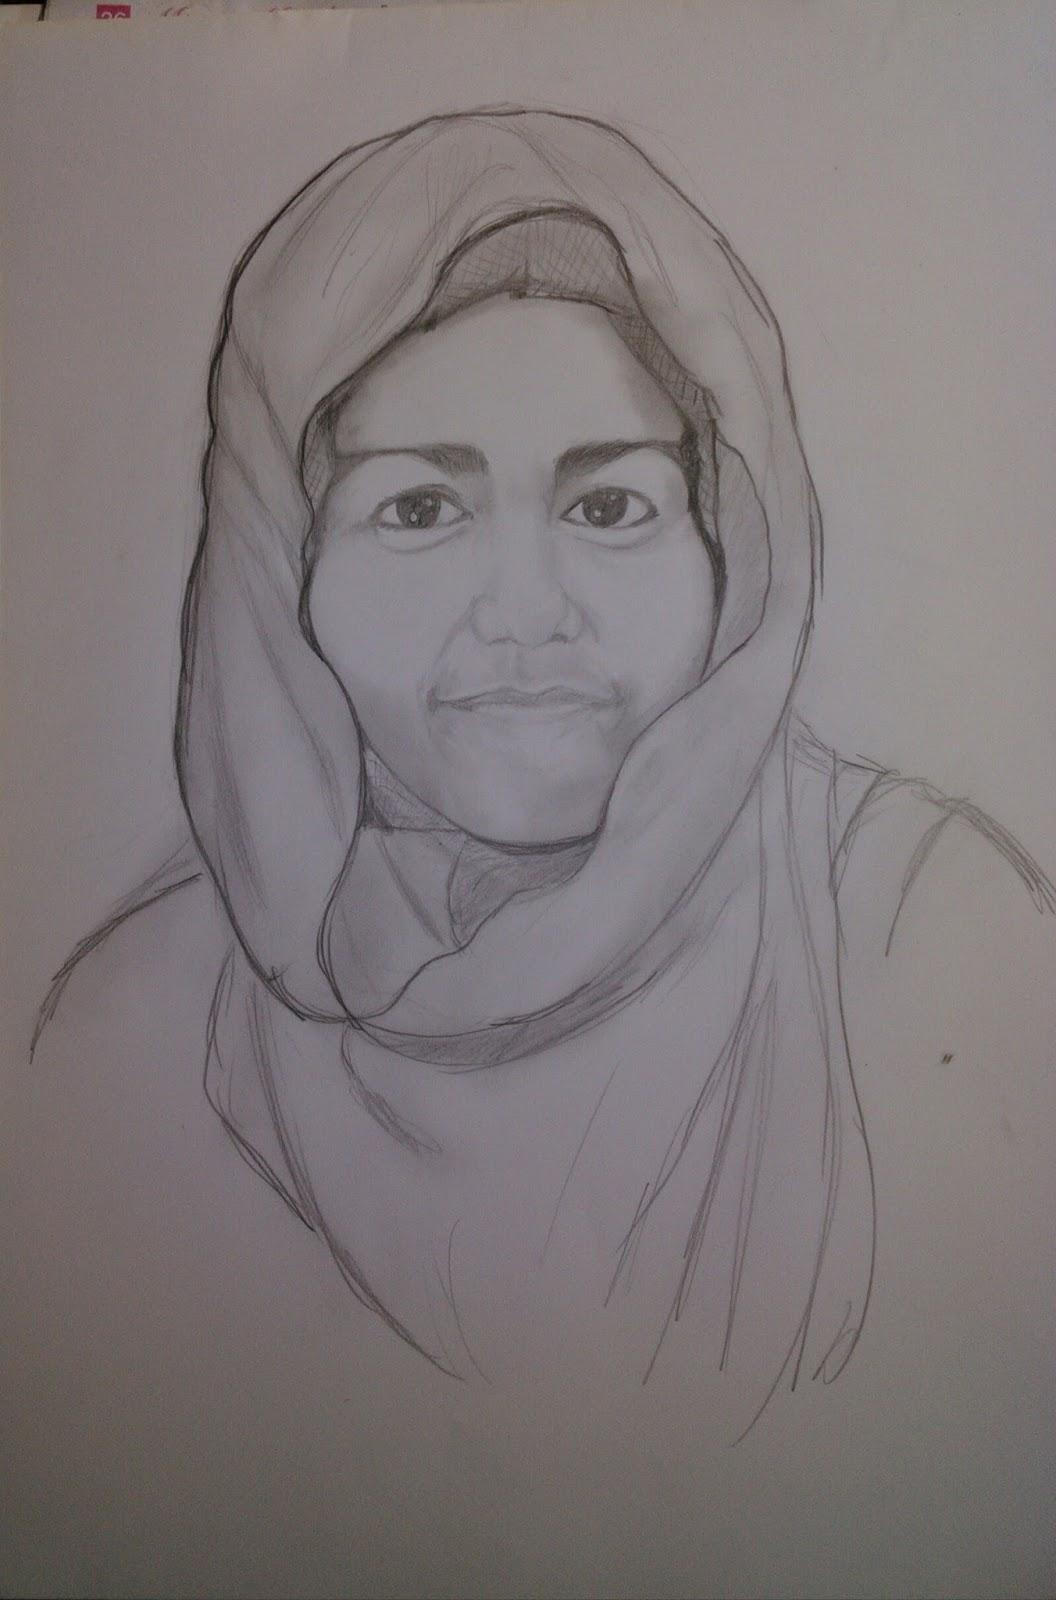 Gambar Sketsa Wajah Kumpulan Gambar Sketsa Wajah Dengan Pencil